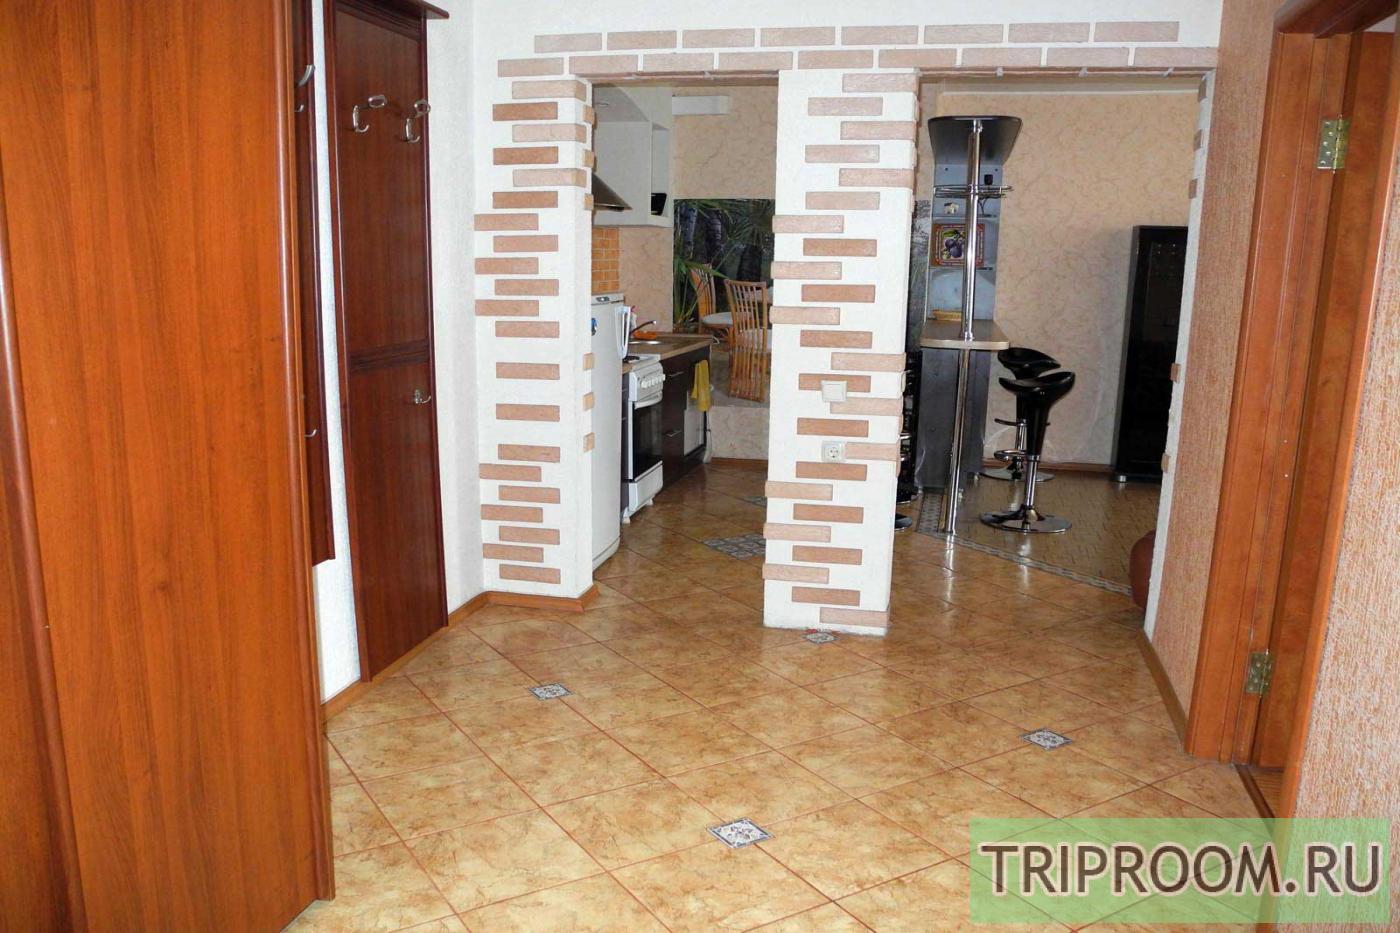 3-комнатная квартира посуточно (вариант № 9669), ул. Кольцовская улица, фото № 12